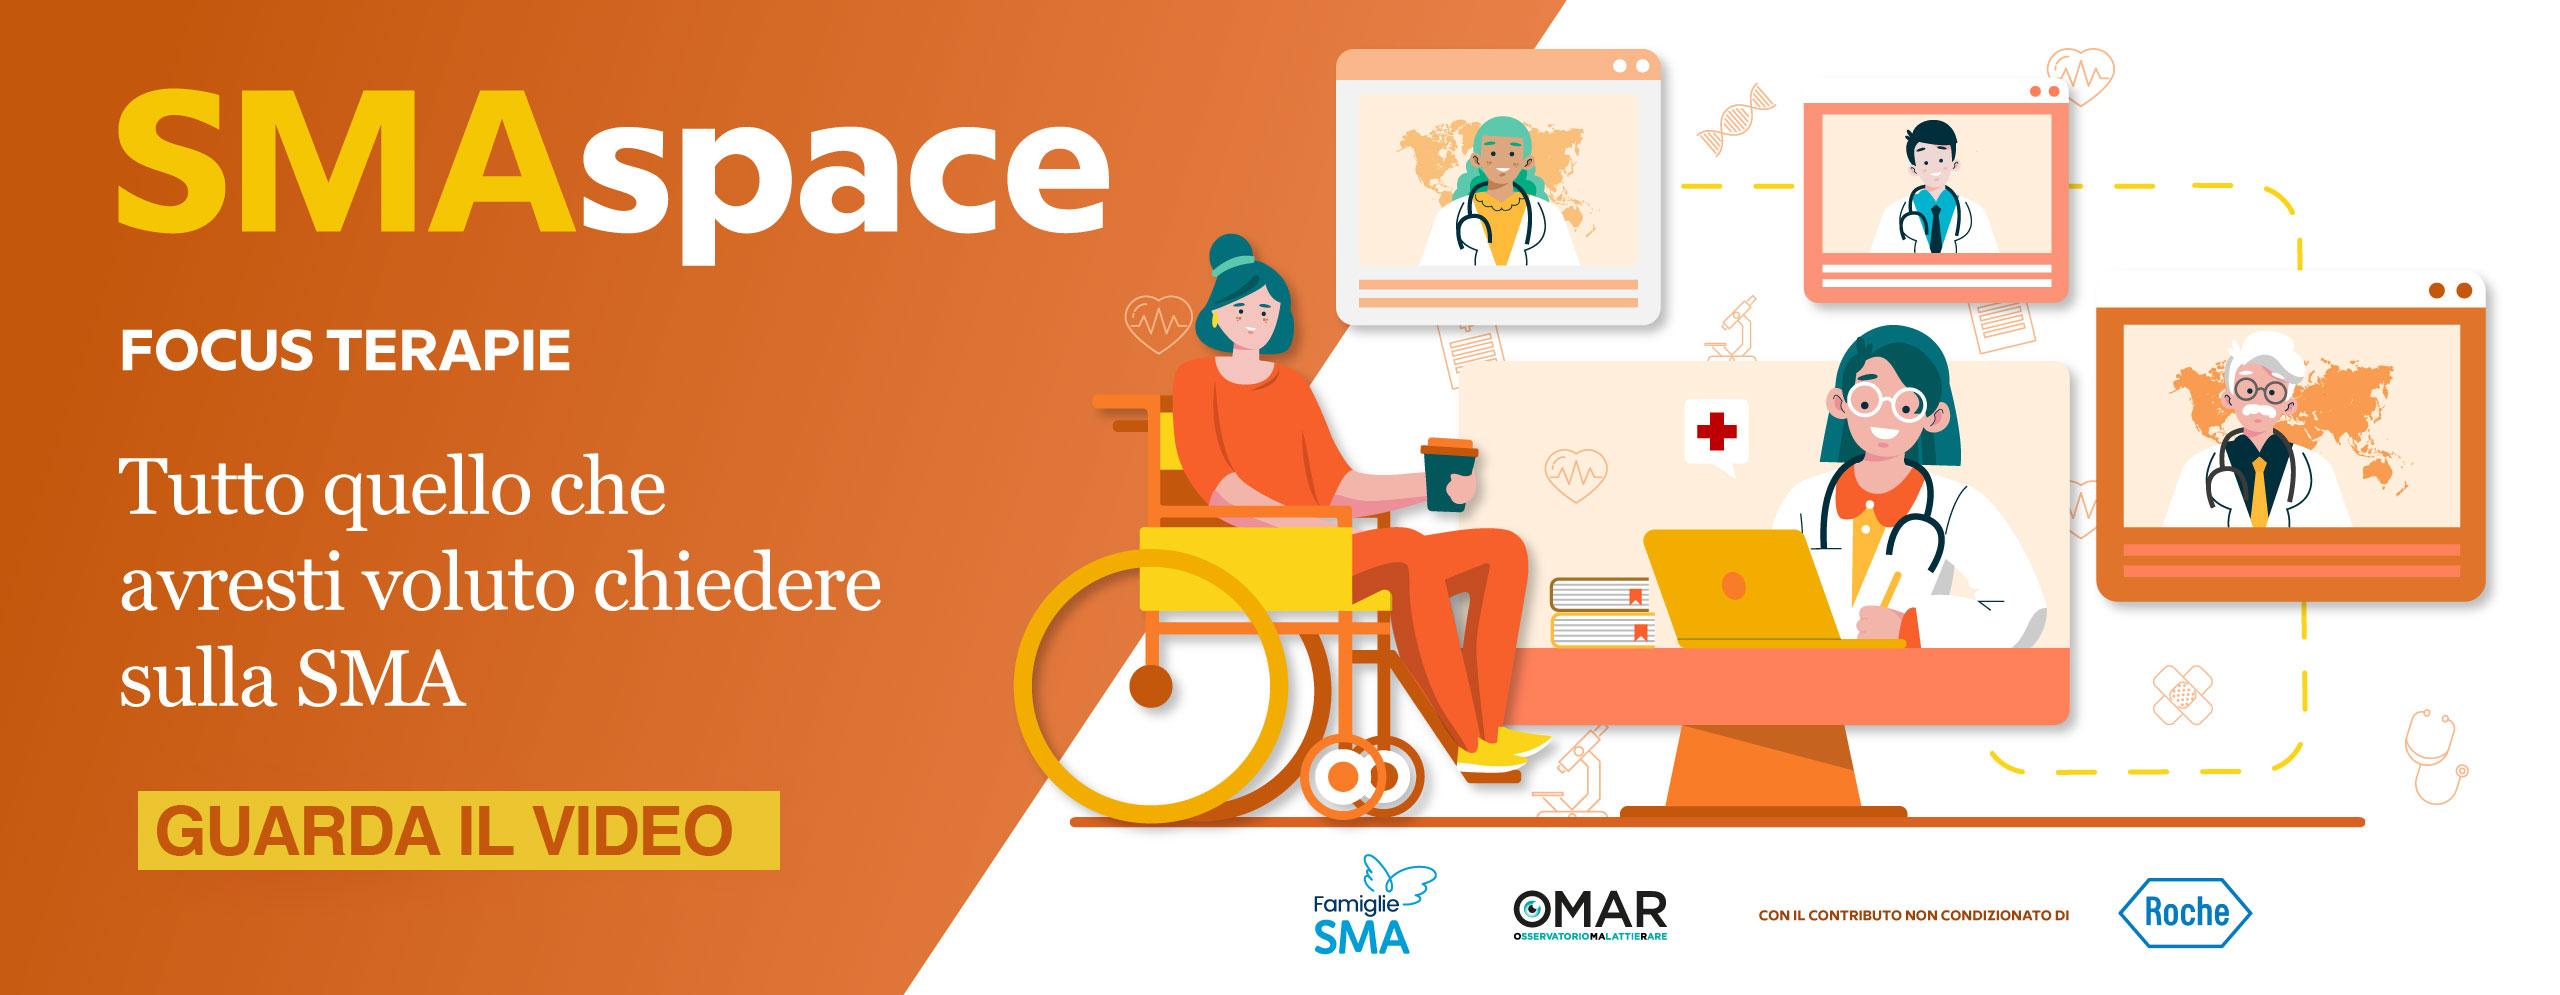 progetto SMASpace Famiglie SMA